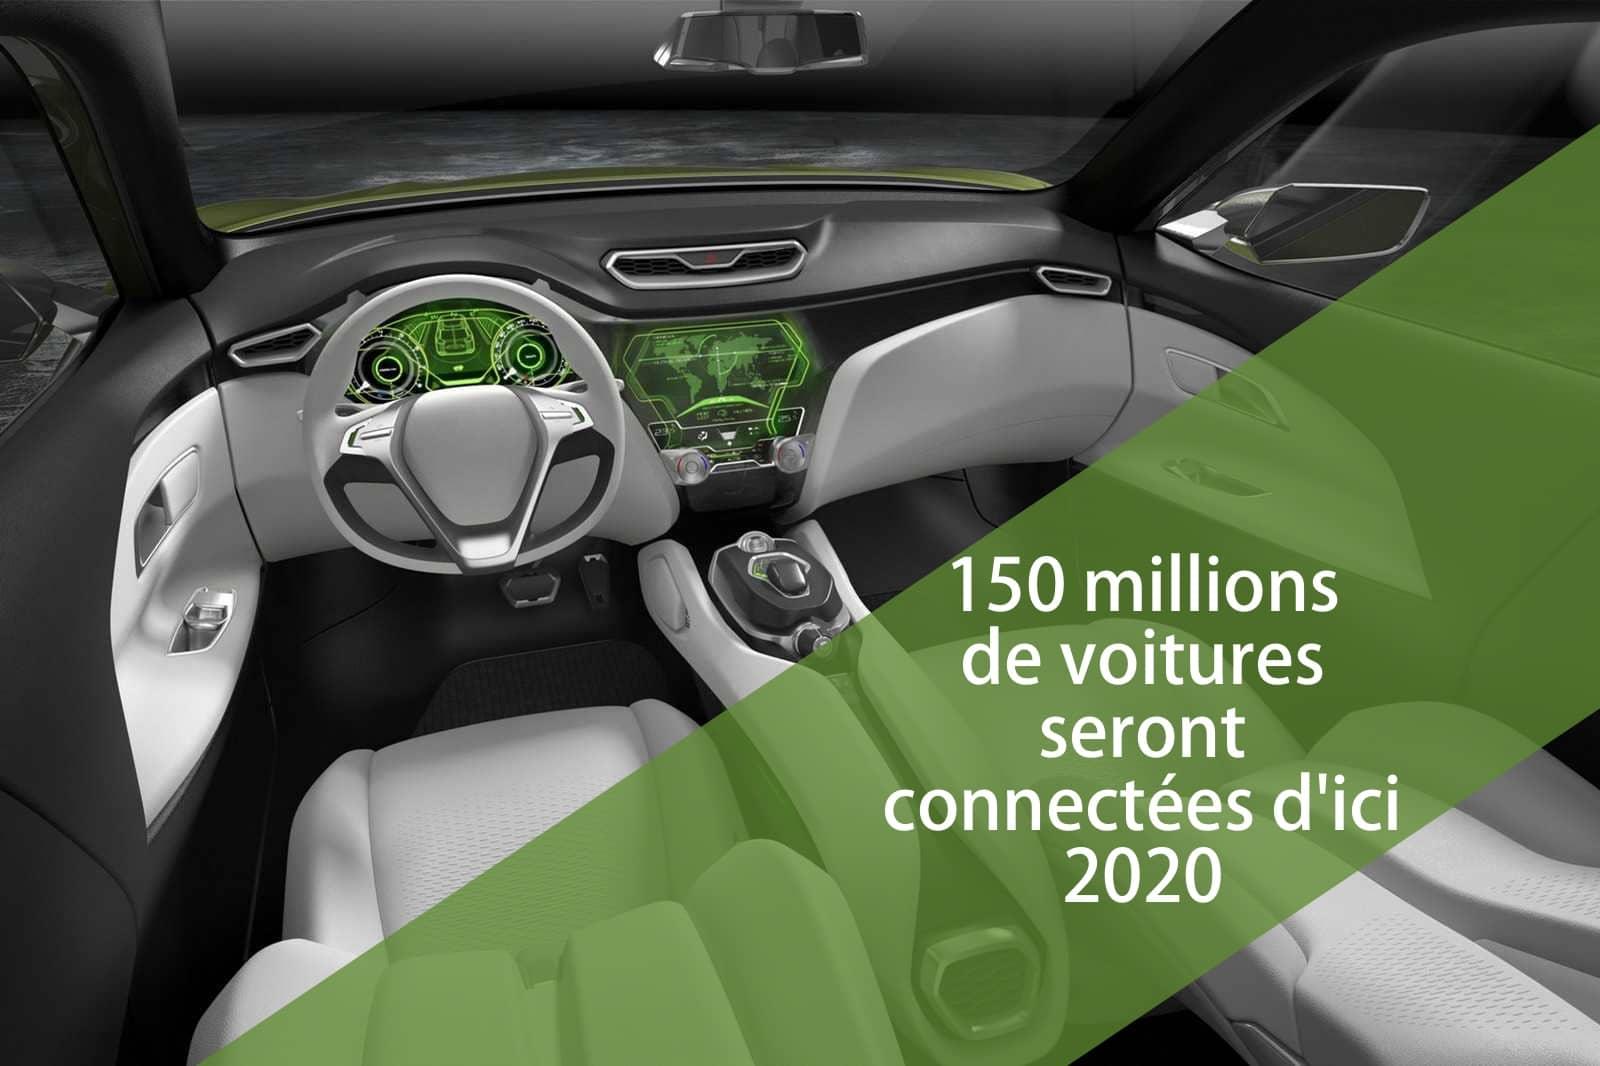 Plus de 150 millions de voitures seront connectées à internet d'ici 2020